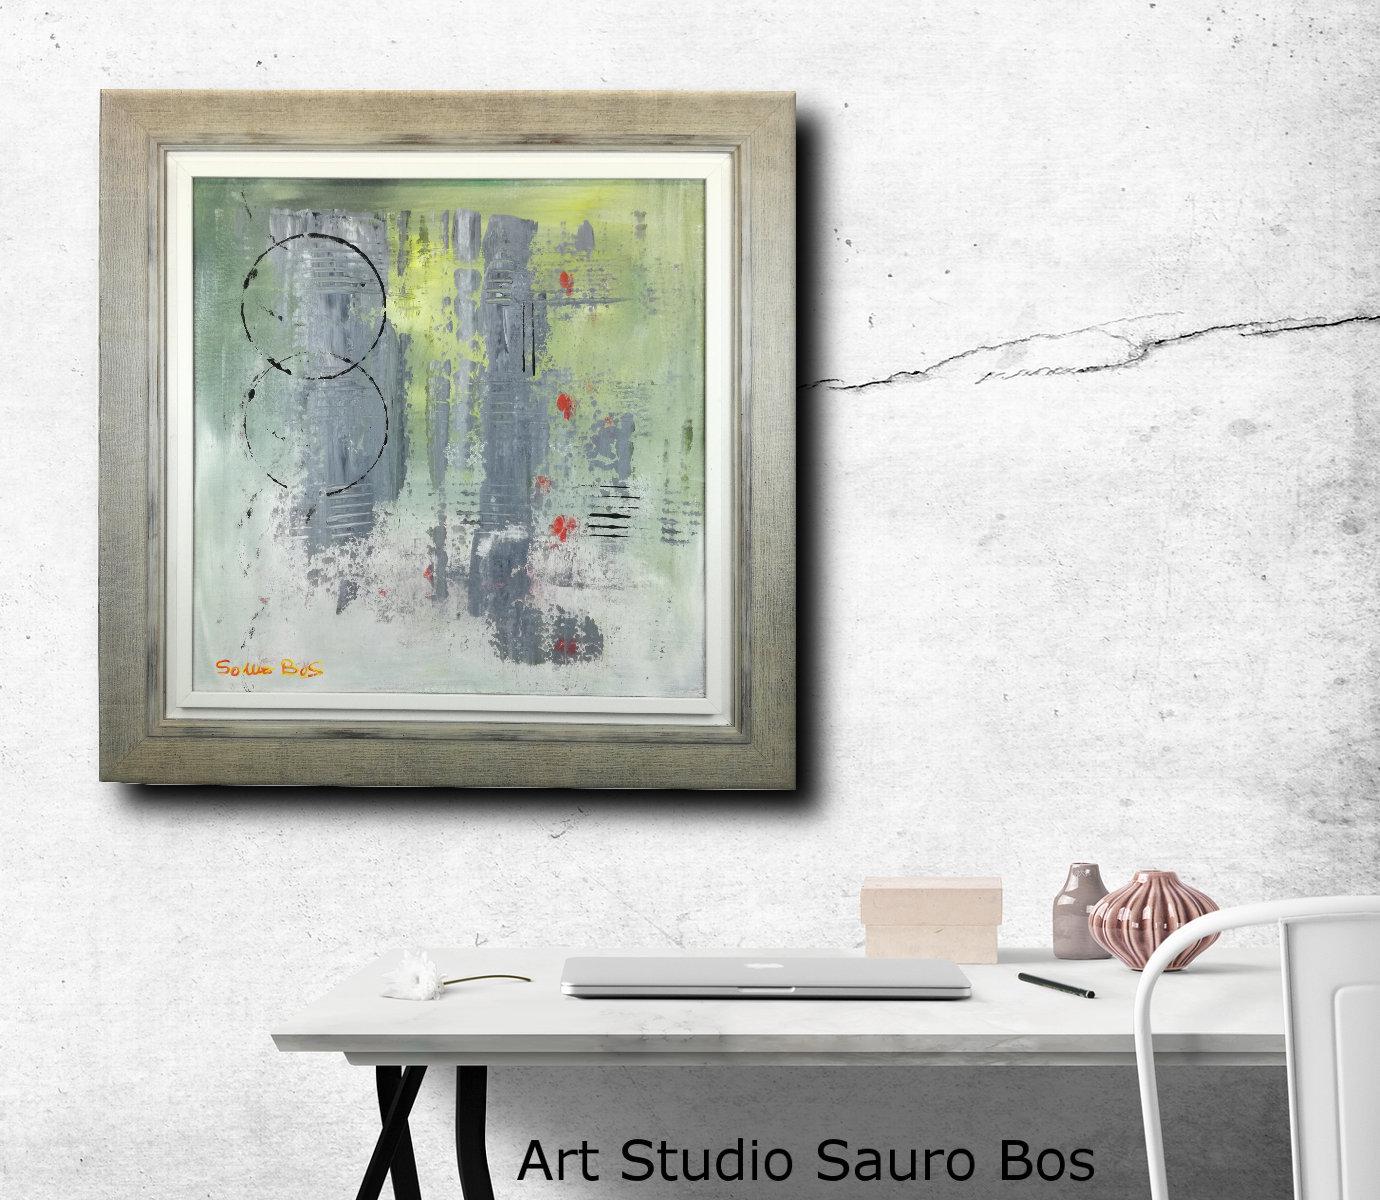 astratto c019 moderno con cornice - quadro-astratto-con-cornice-moderna-chiarista